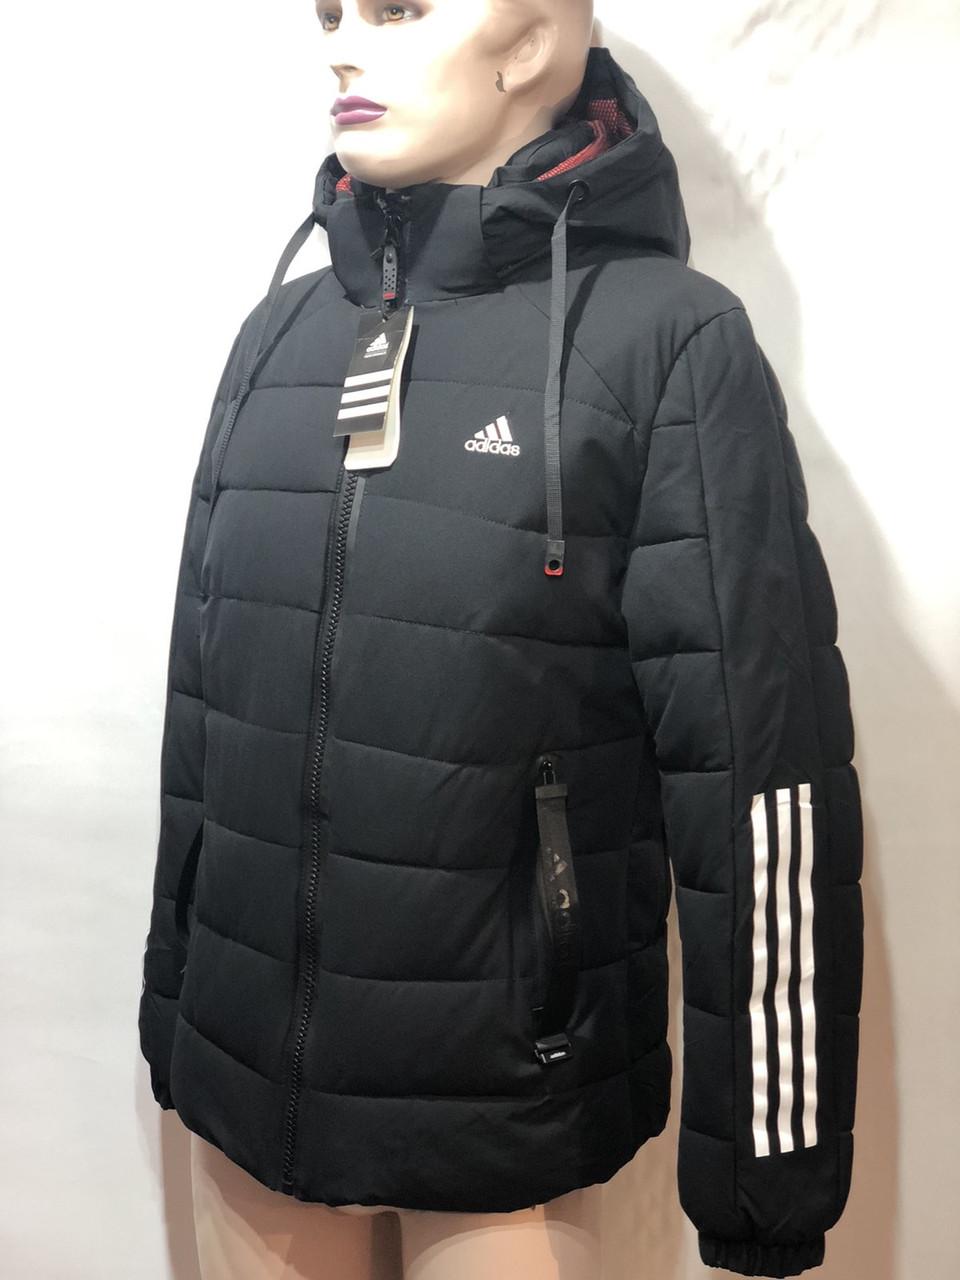 46,54,56 р. Мужская зимняя куртка теплая с капюшоном черная